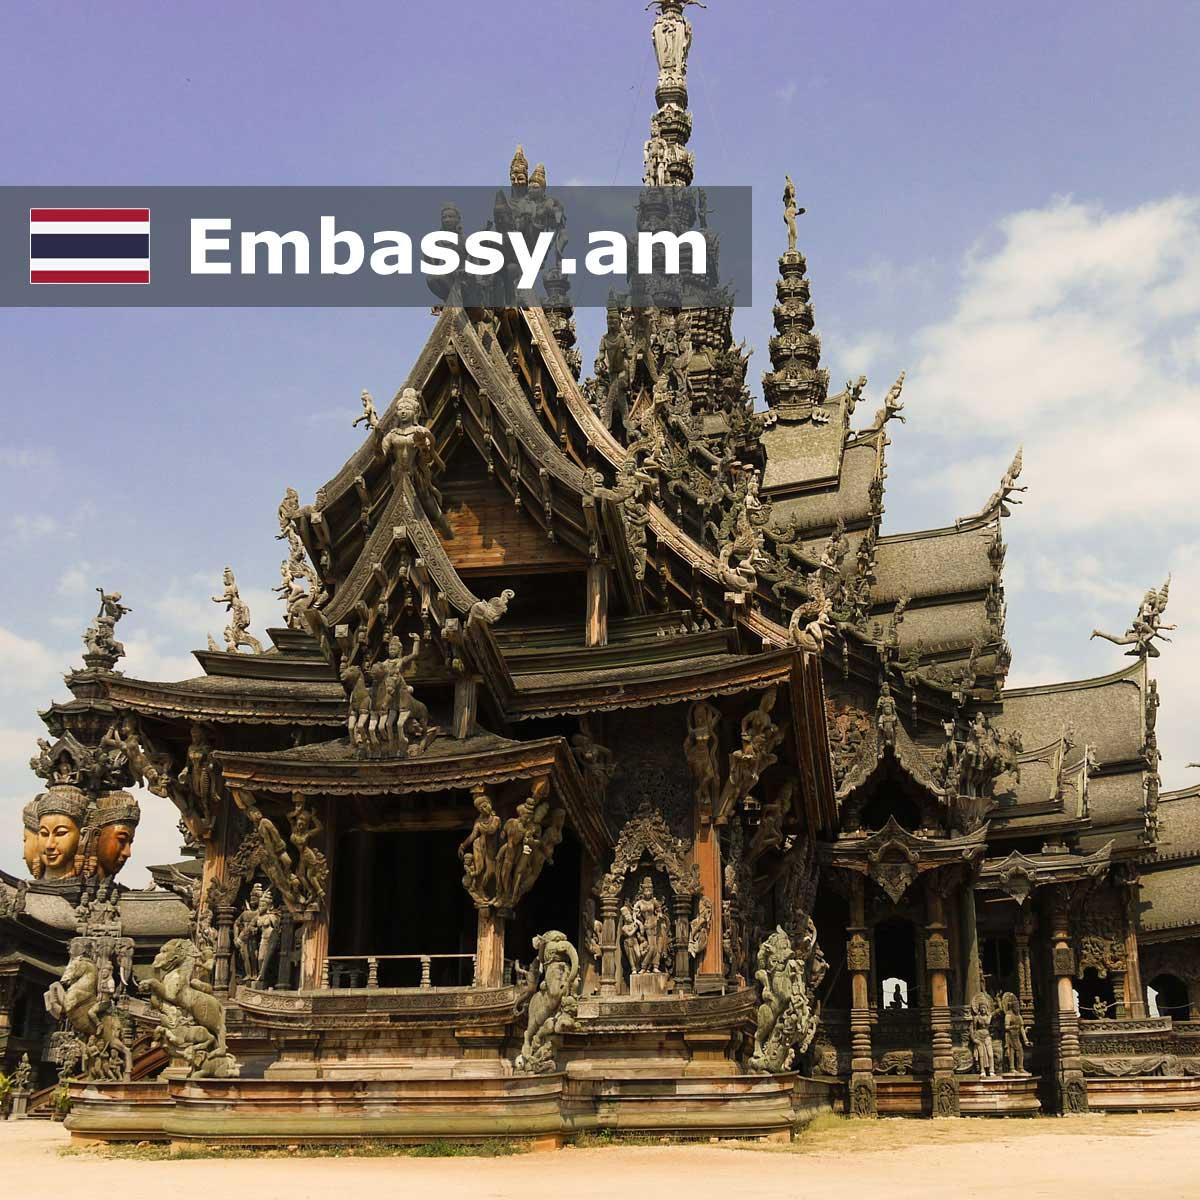 Паттайа - Отели в Таиланде - Embassy.am